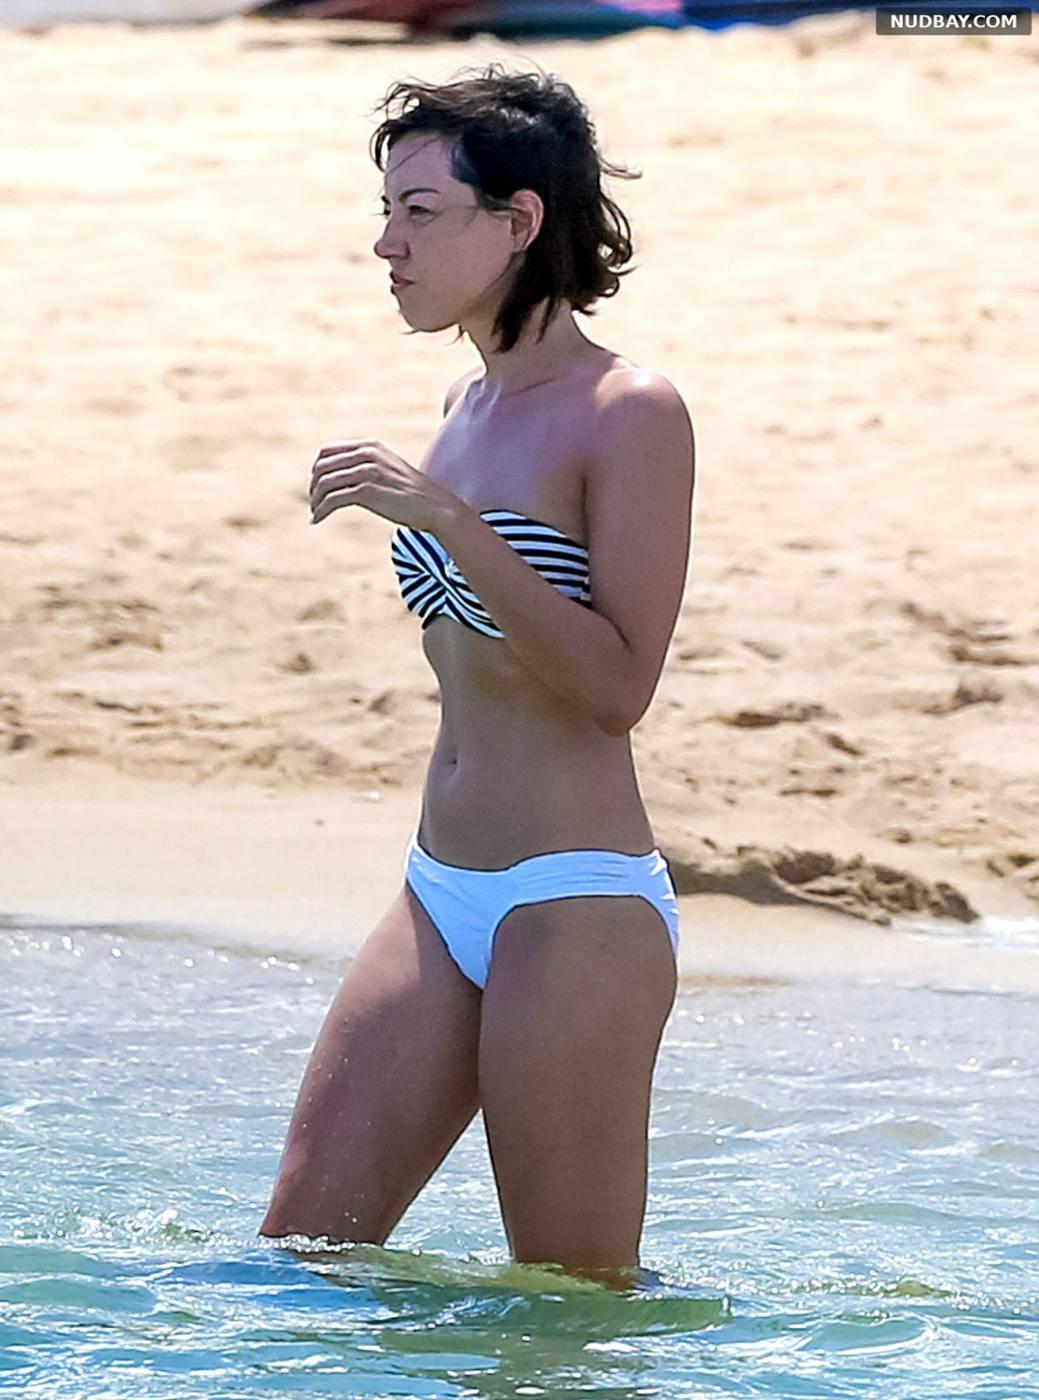 Aubrey Plaza wearing a bikini at a beach in Hawaii Jul 20 2015